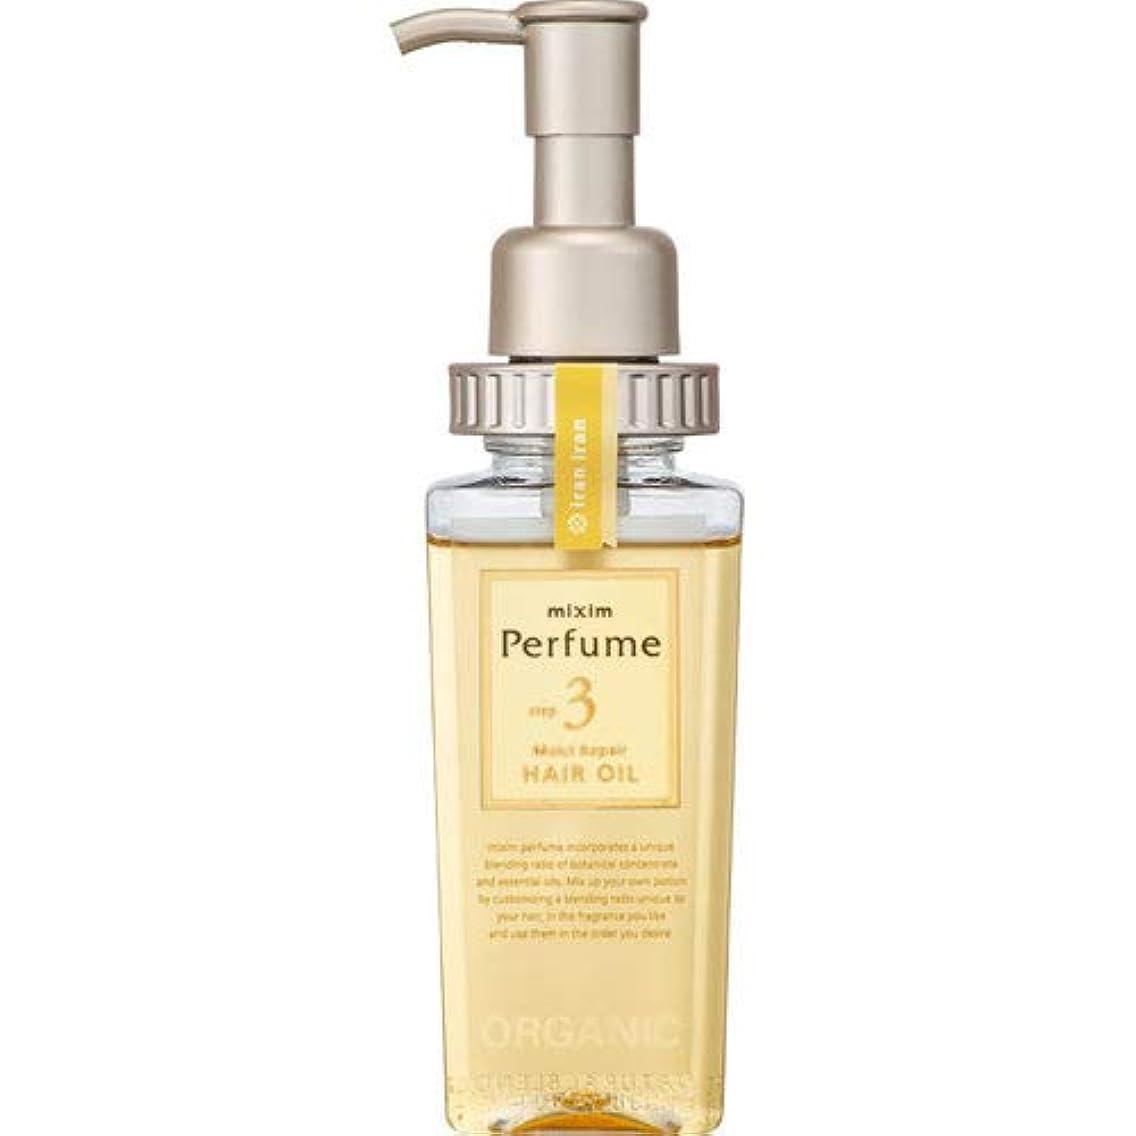 どんなときも平らにする語mixim Perfume(ミクシムパフューム) モイストリペア ヘアオイル 100mL